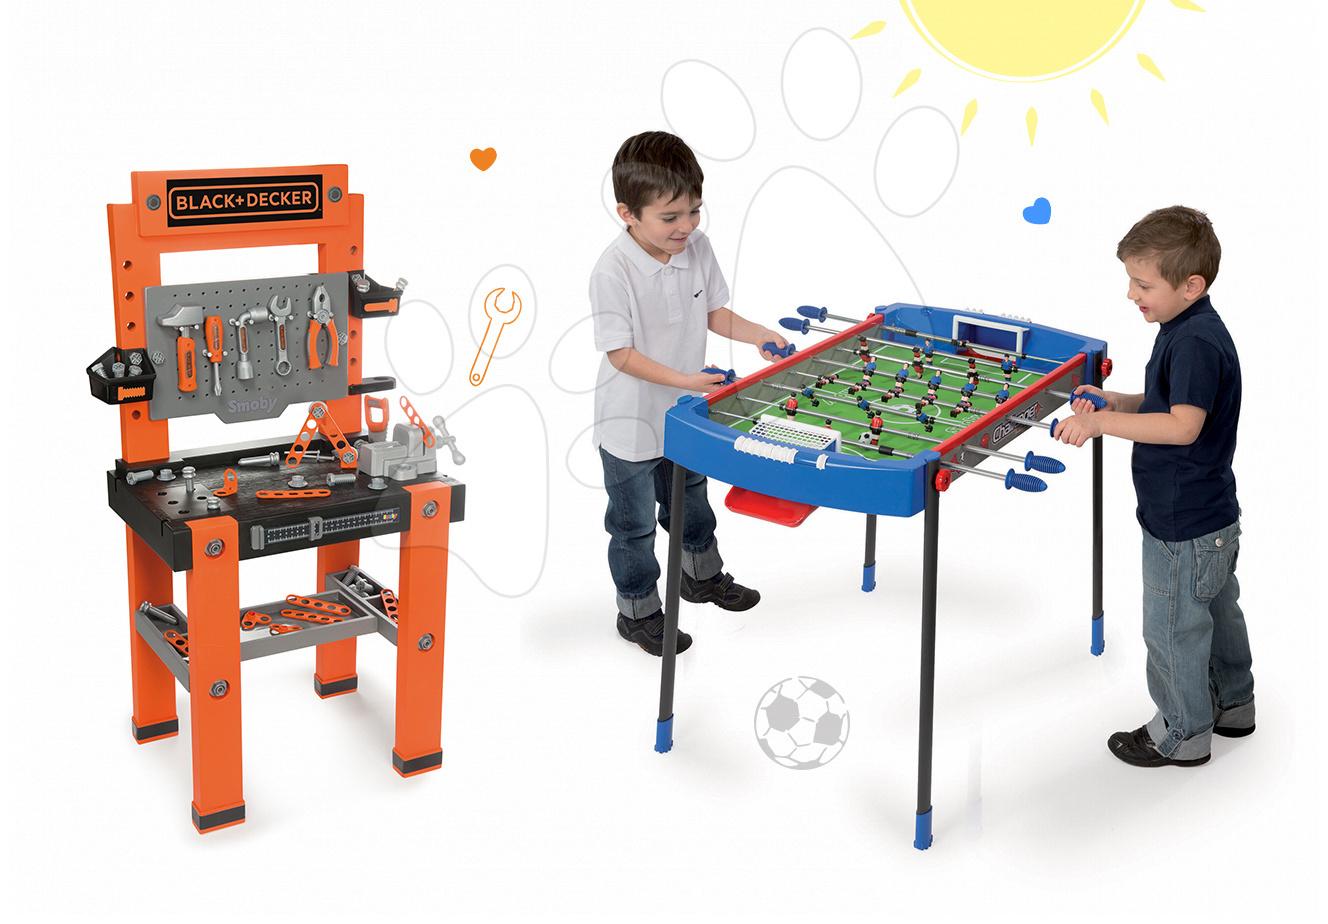 Set dílna Black+Decker Smoby a fotbalový stůl Challenger s 2 míčky